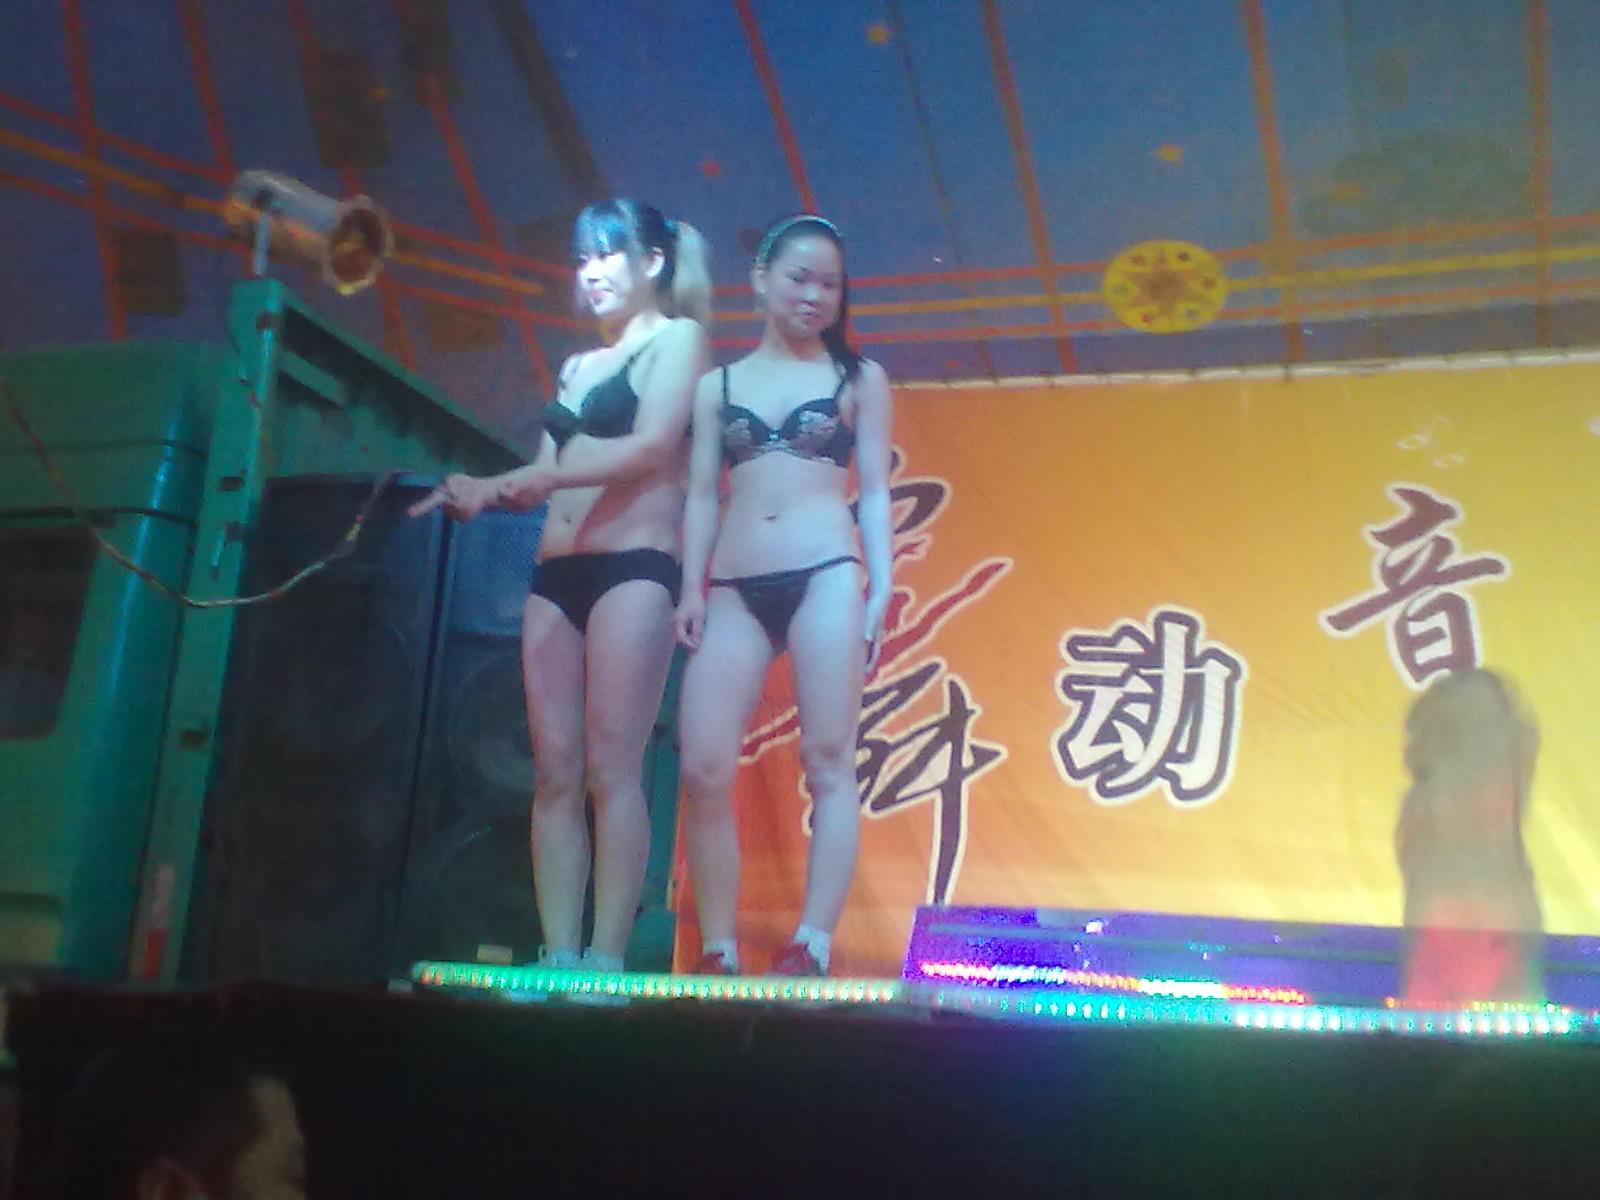 大棚歌舞团惊艳表演